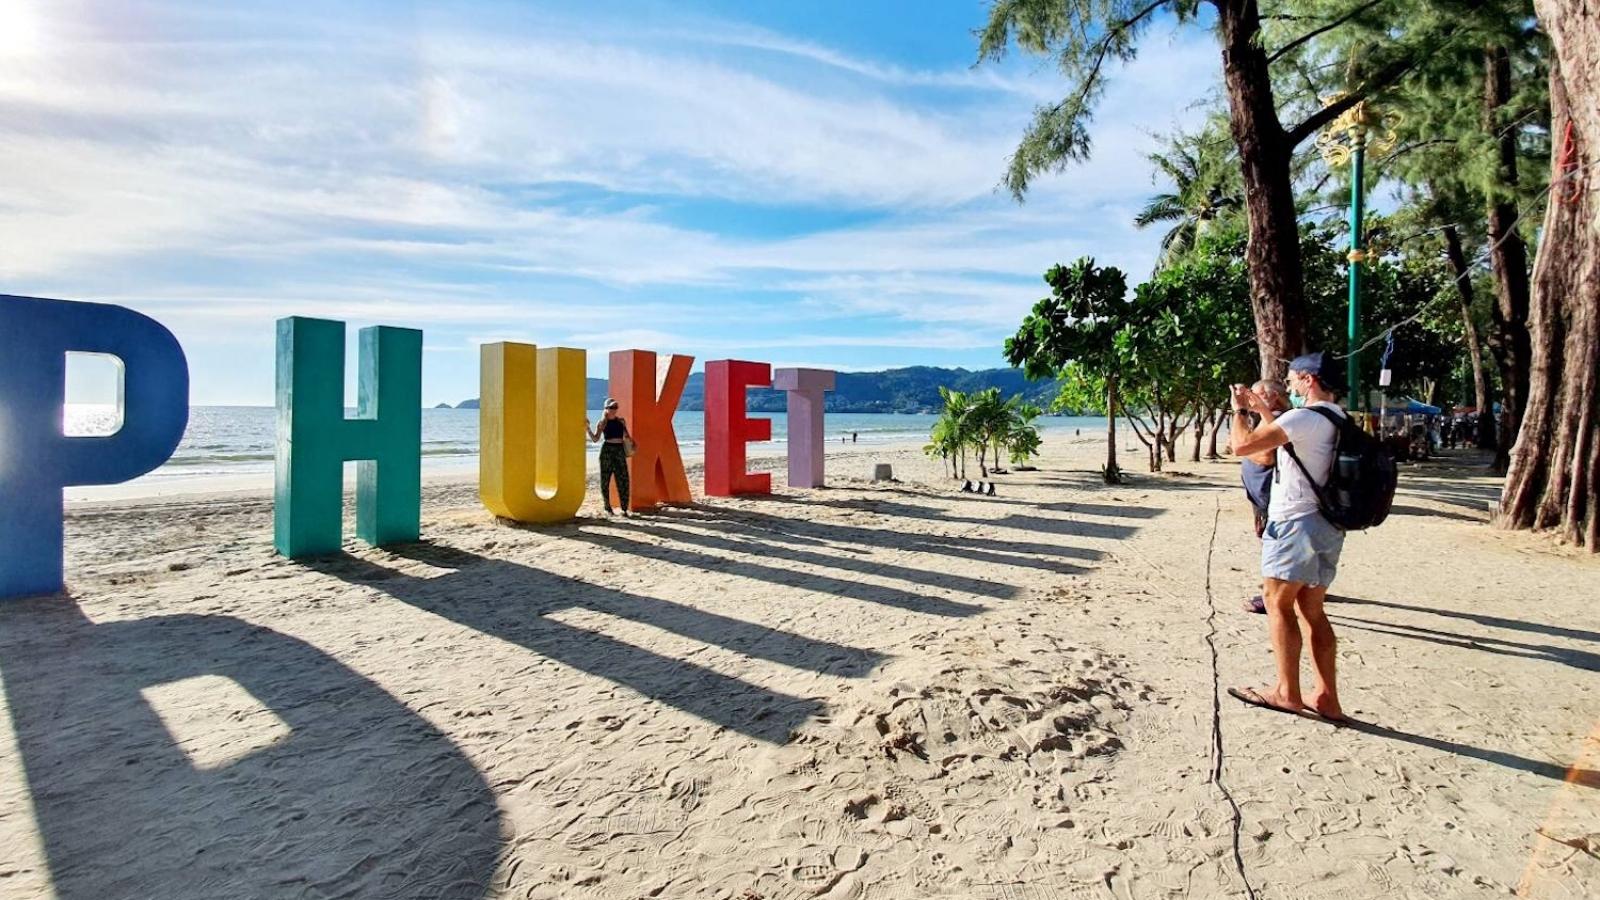 Thái Lan chuẩn bị mở cửa du lịch với các nước láng giềng